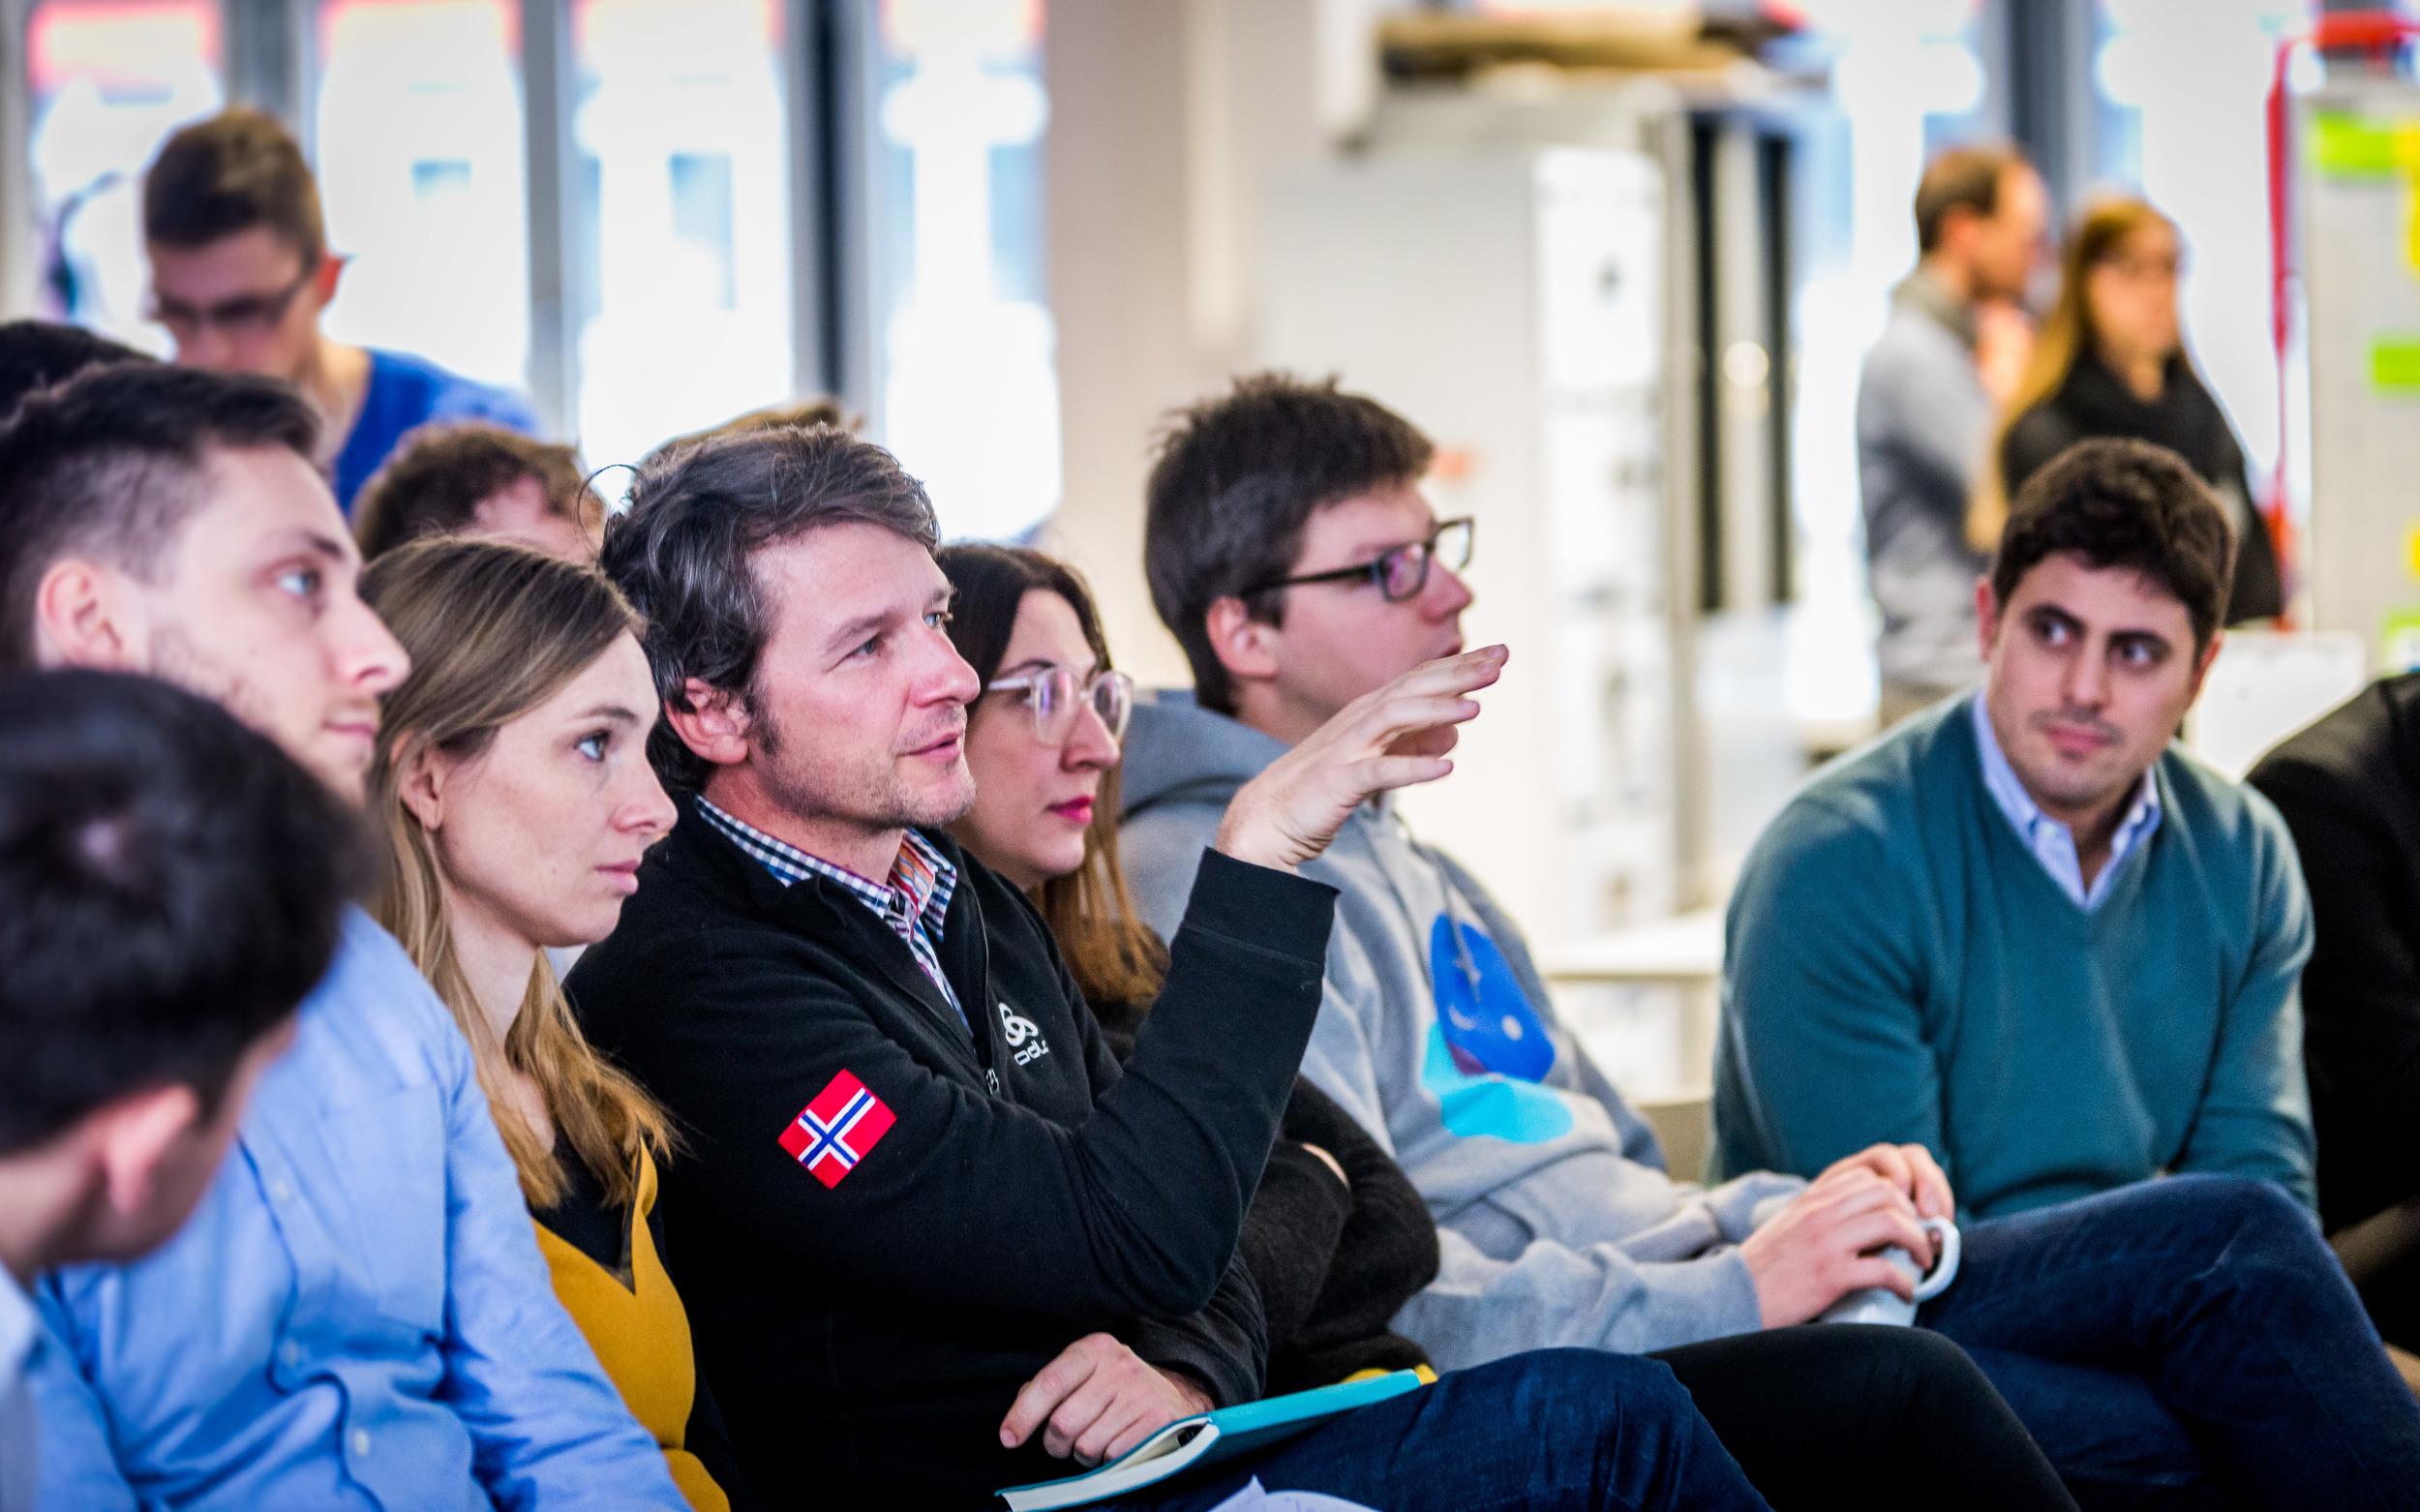 Het accelereren van digital marketing startups met Axel Springer Plug and Play